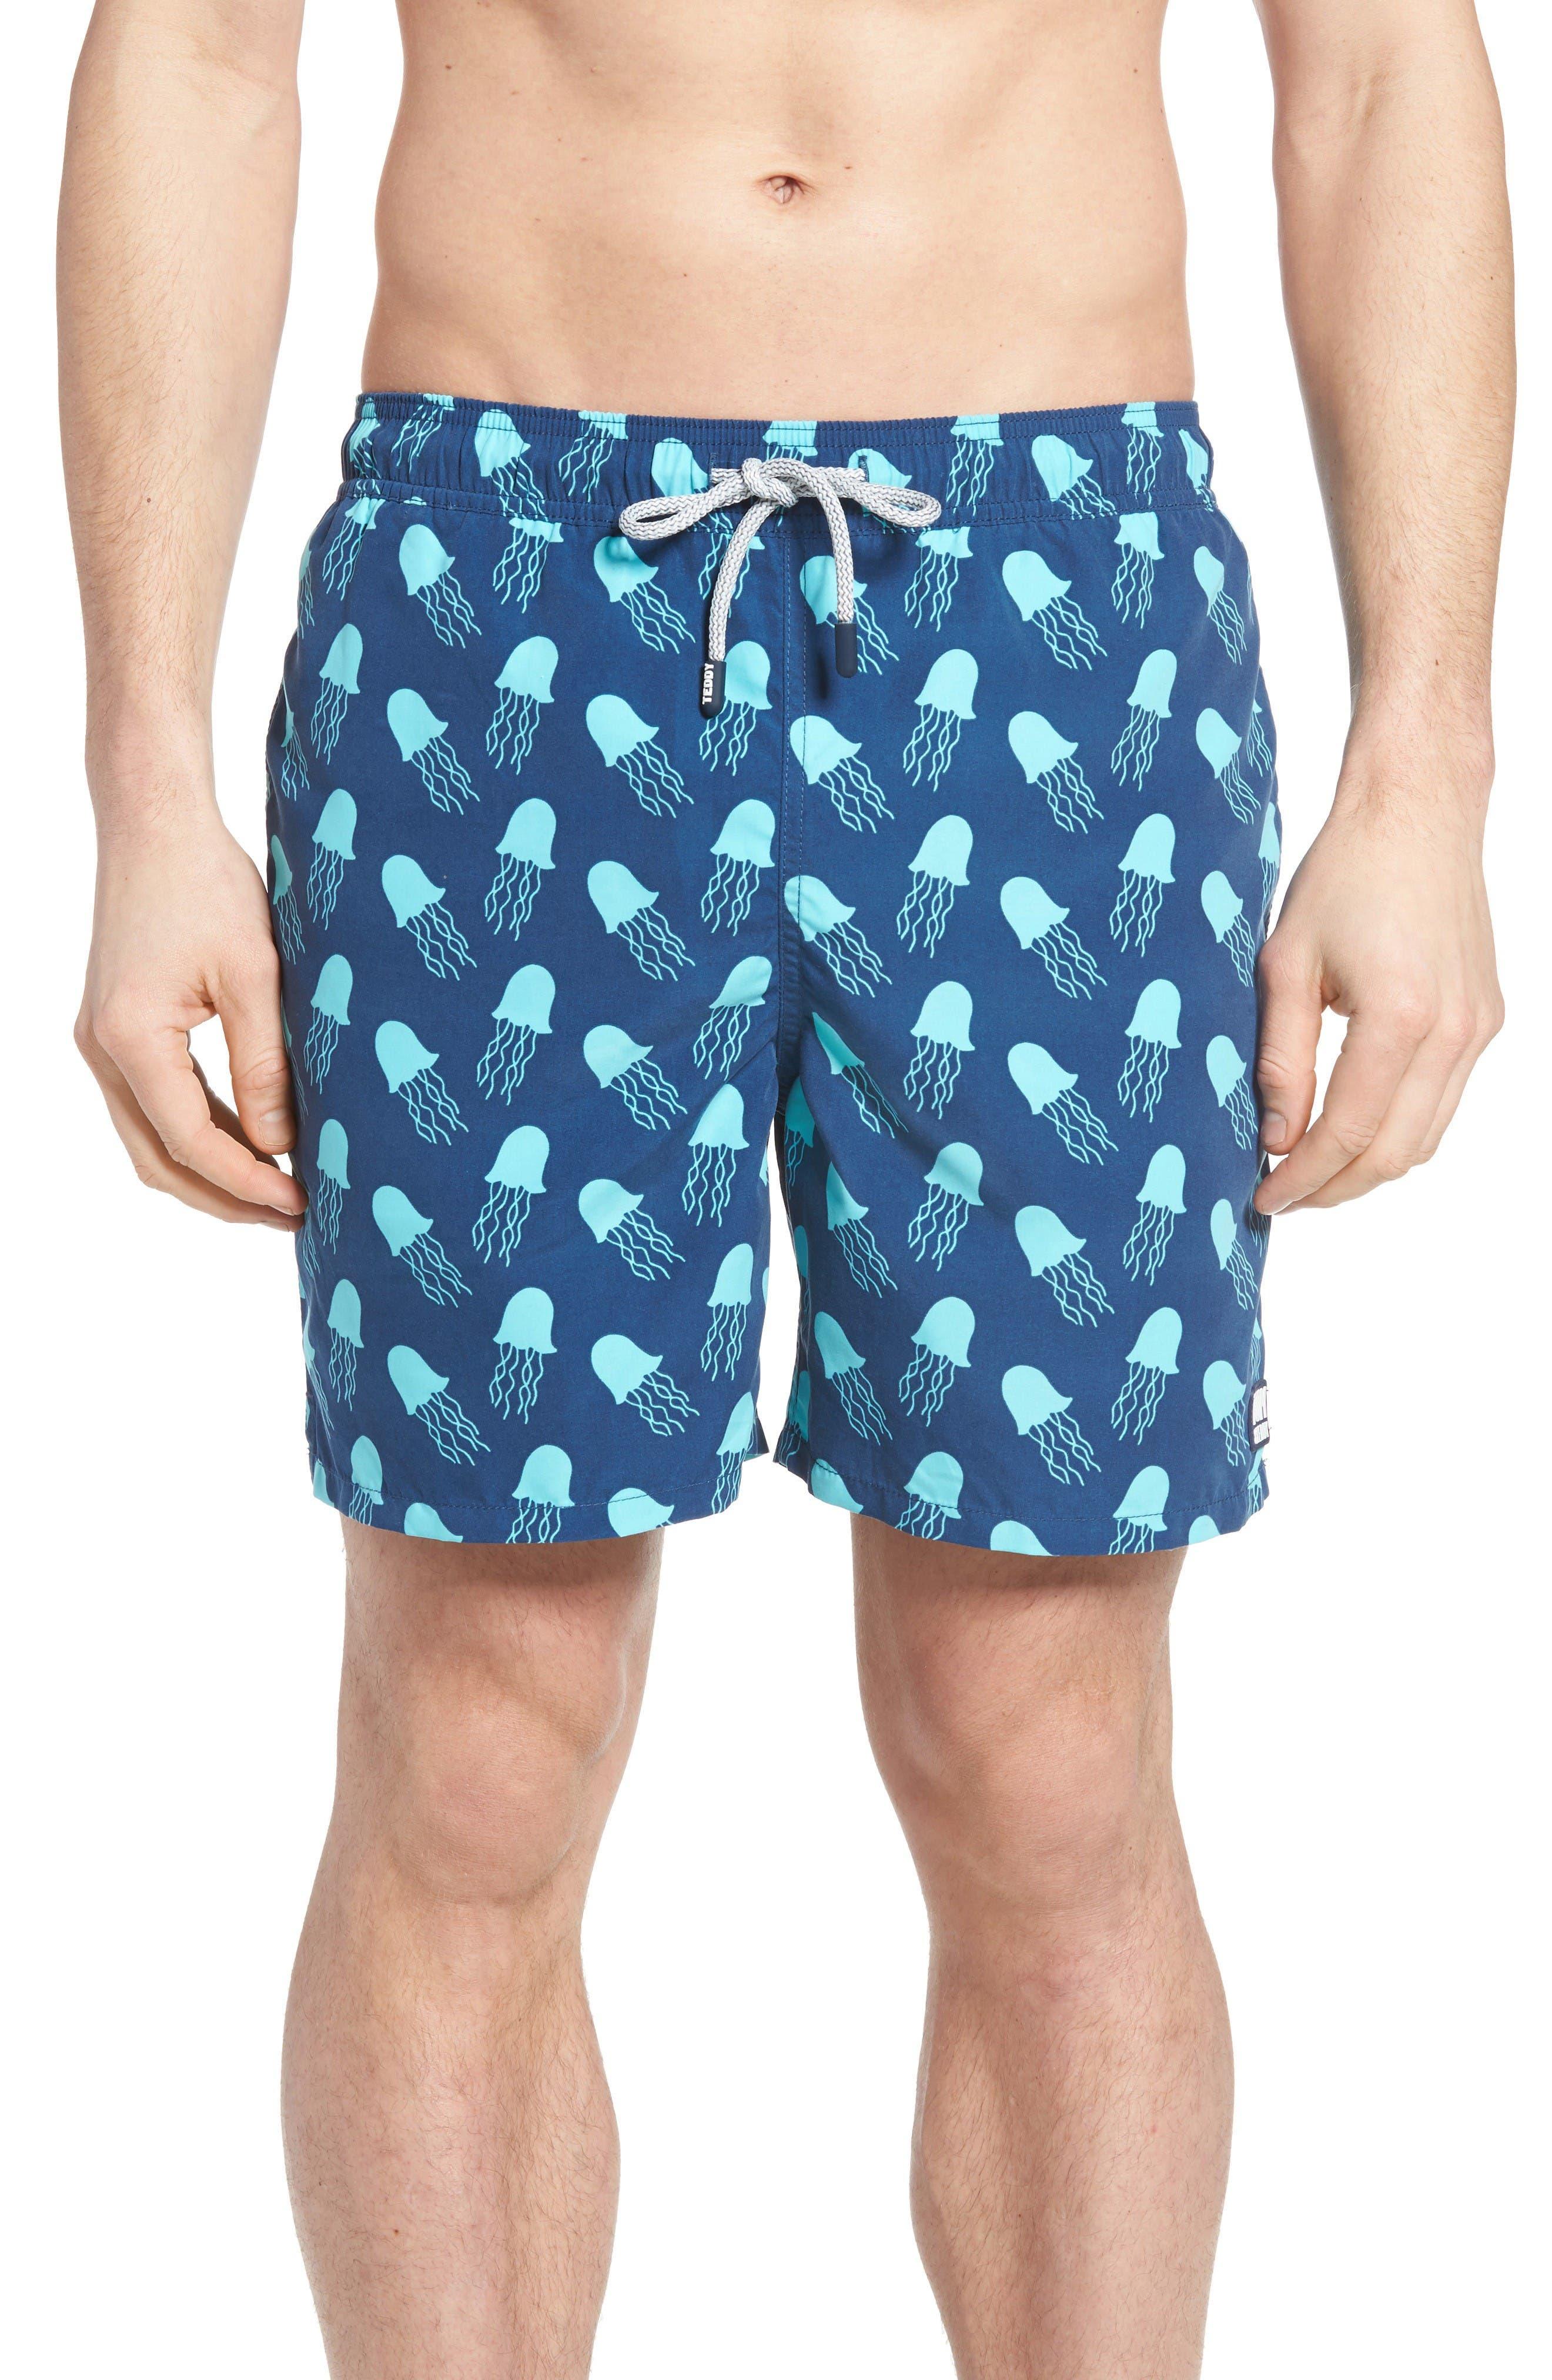 Tom & Teddy Jellyfish Print Swim Trunks